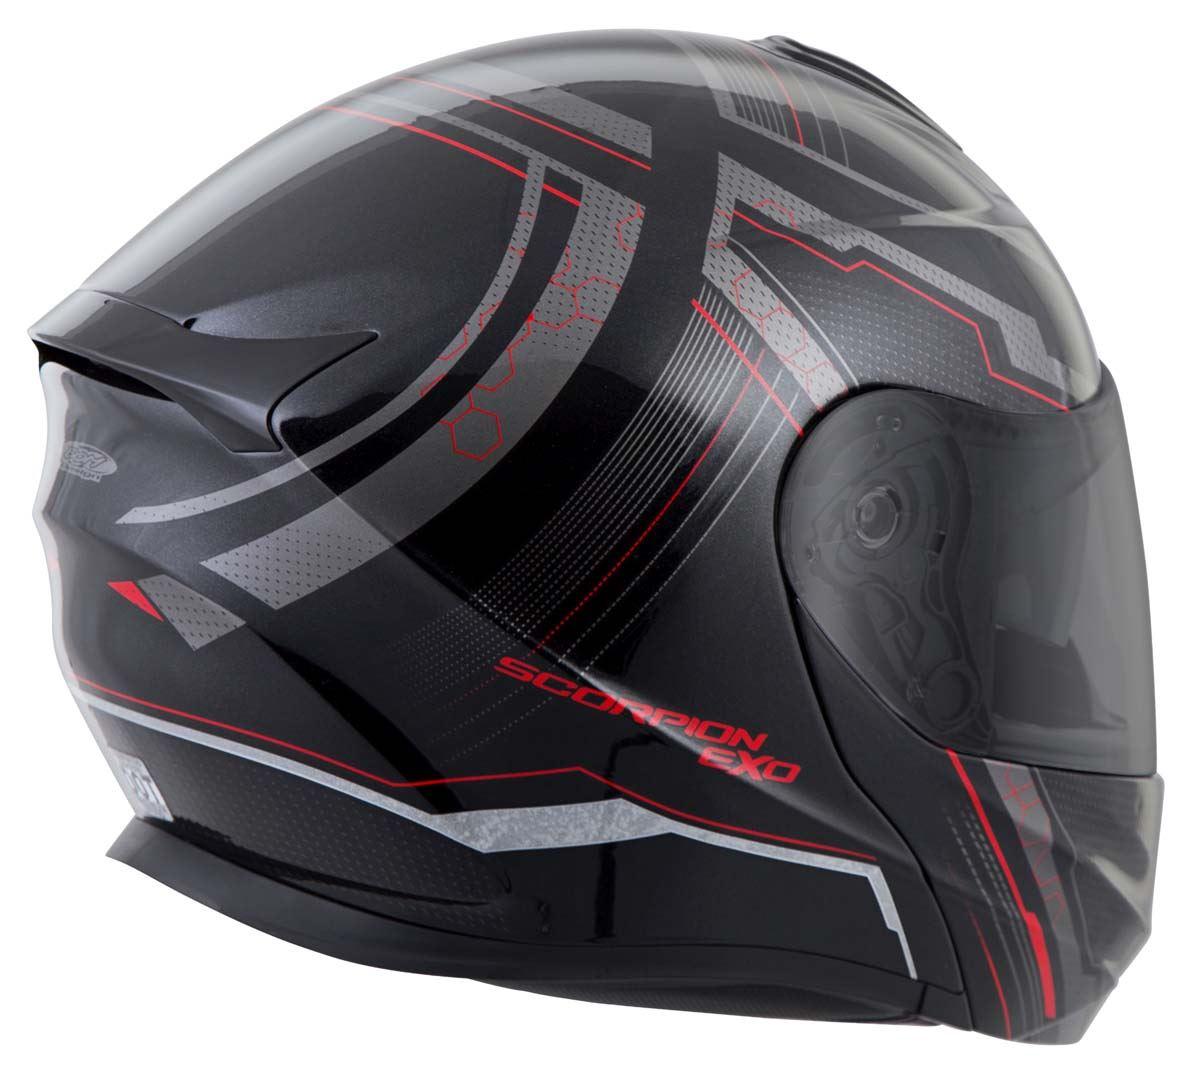 Scorpion-EXO-GT920-Helmet-Sport-Touring-Modular-Flip-Up-DOT-Approved-XS-3XL miniature 27